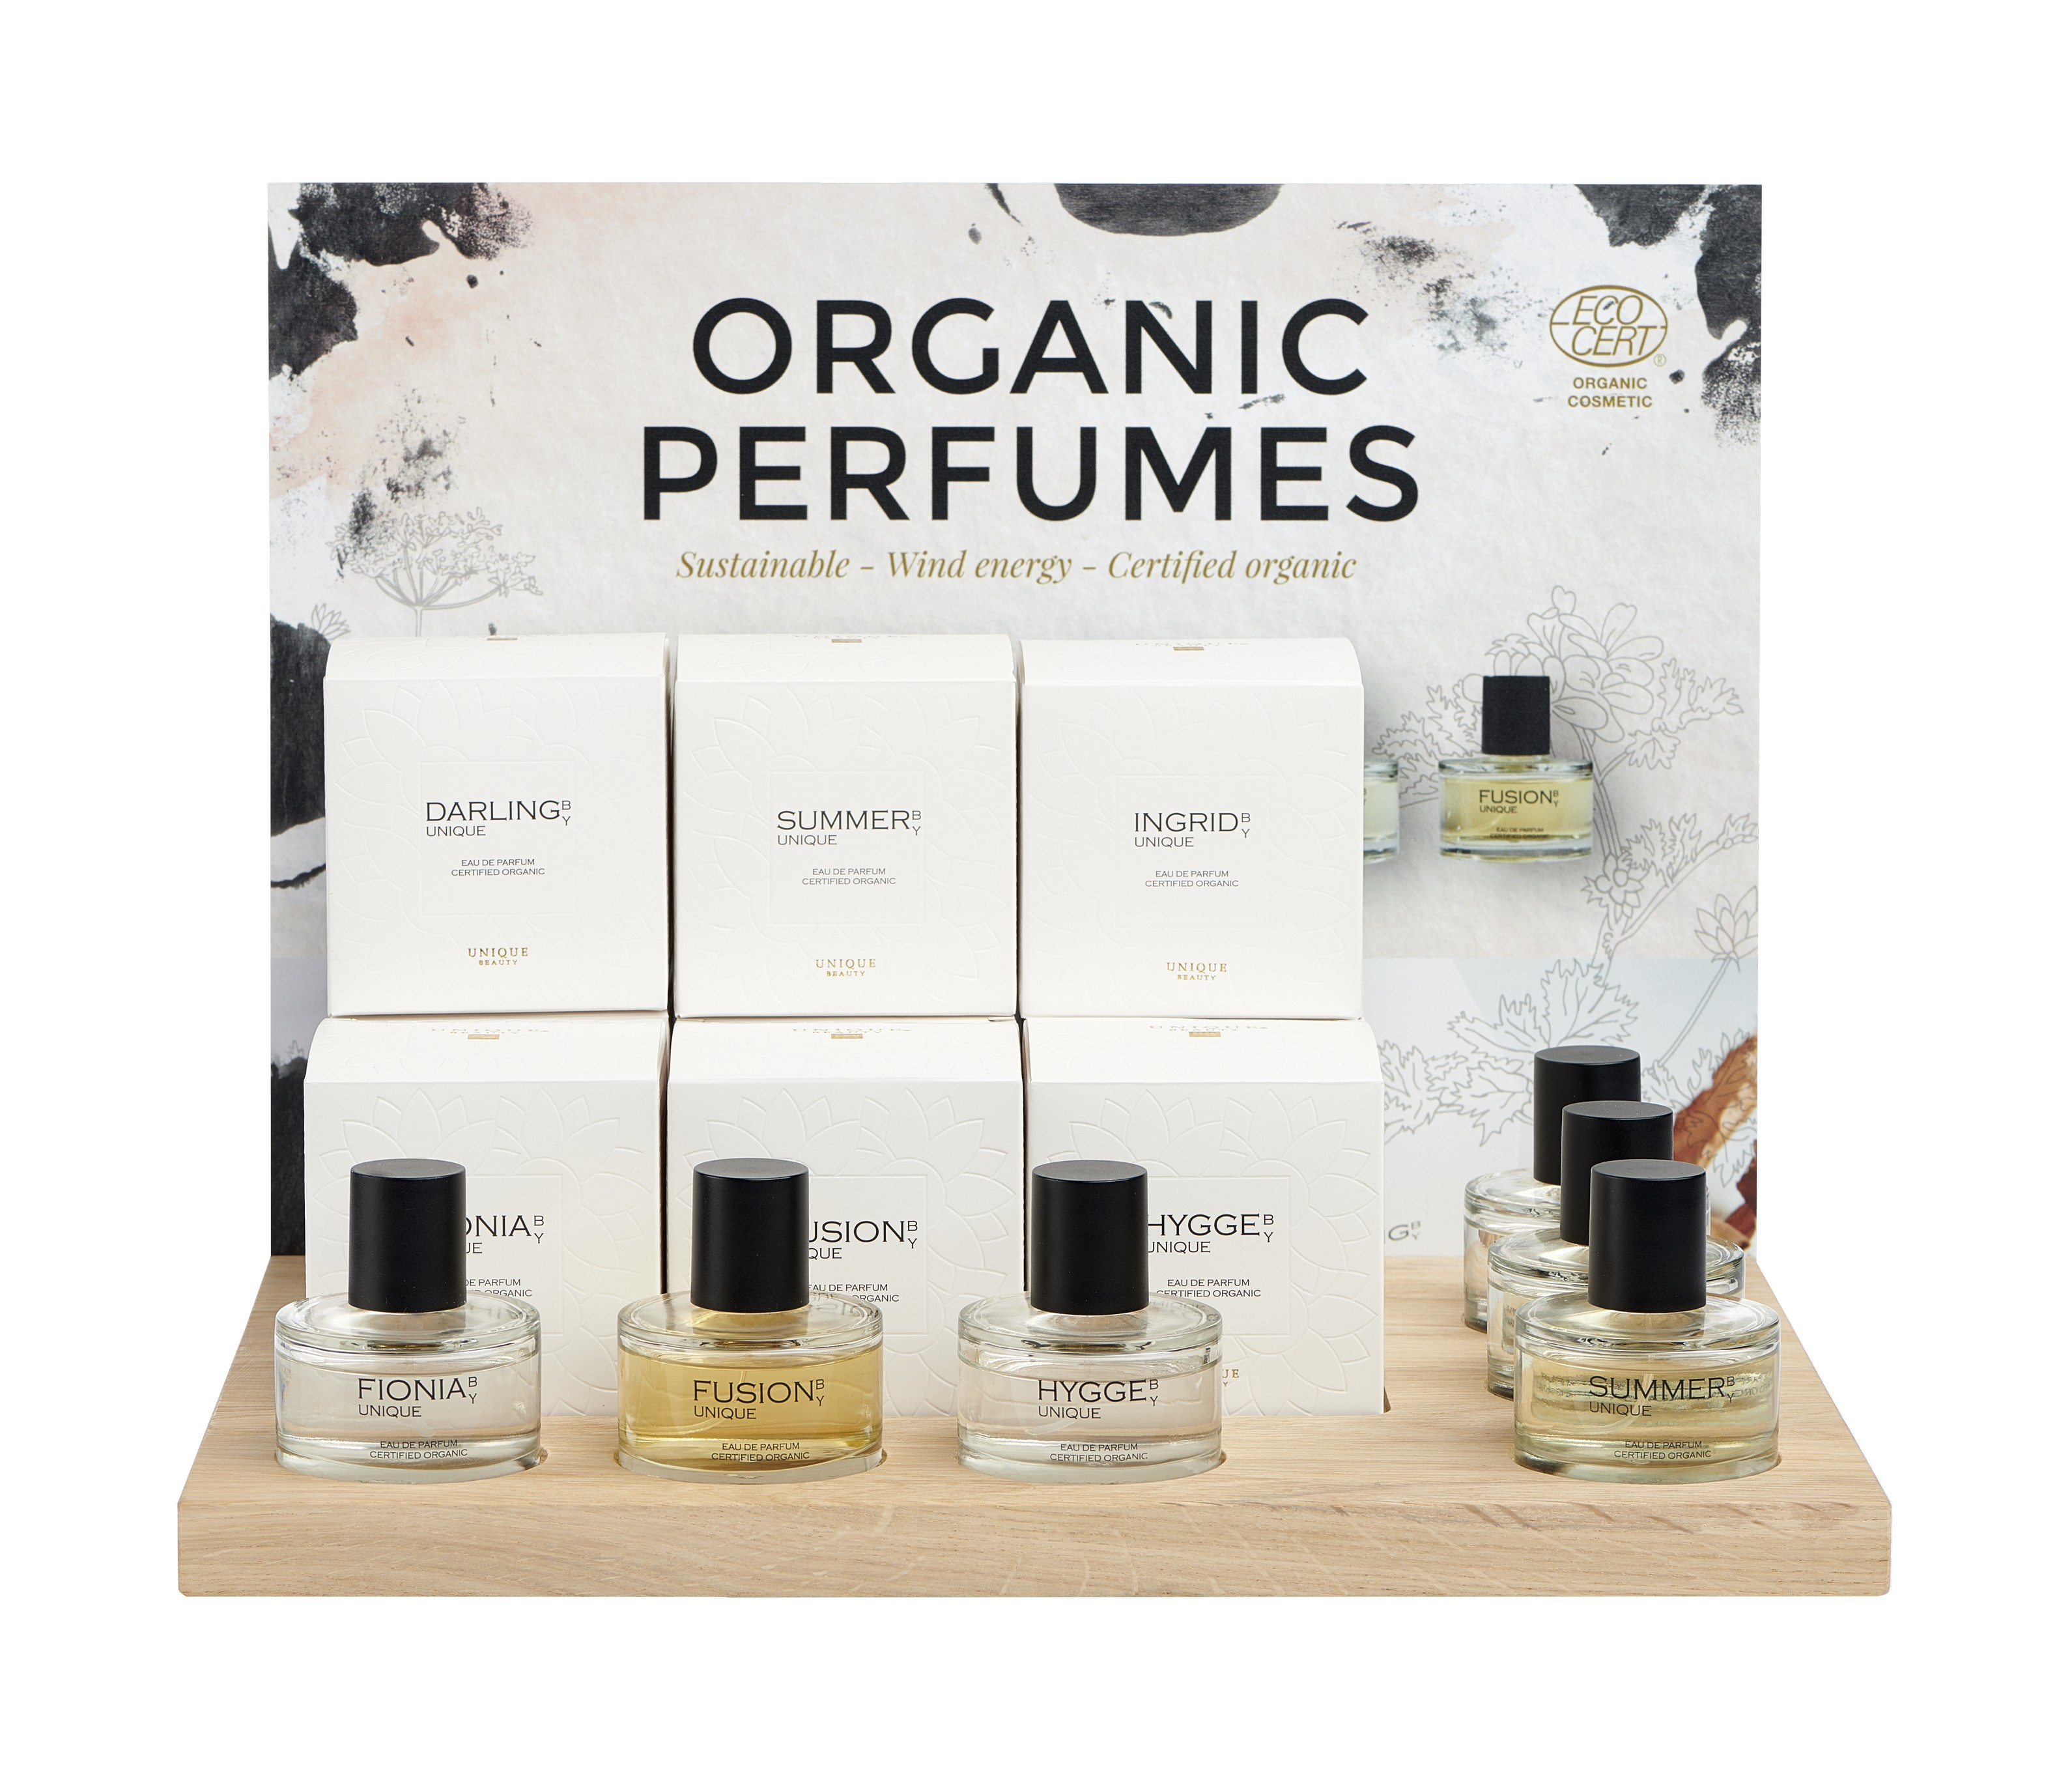 Unique Beauty hajuvesi -display kuudelle tuoksulle